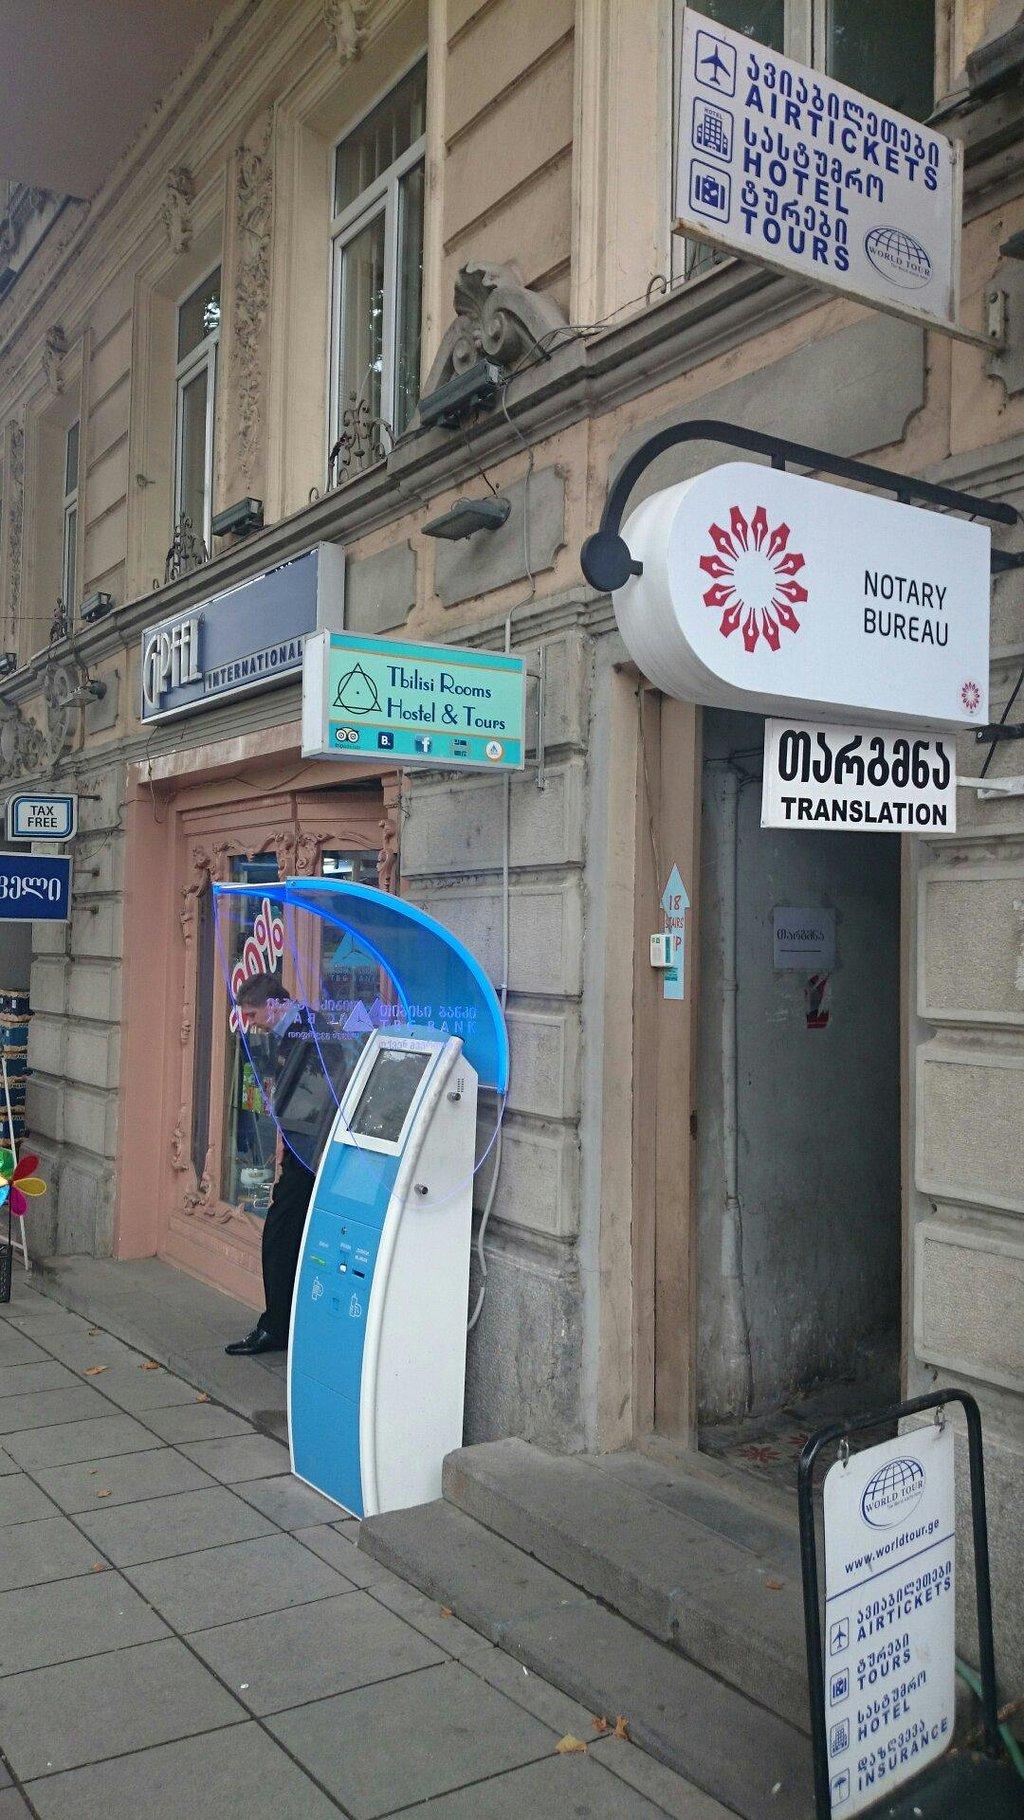 Tbilisi Rooms Hostel & Tours